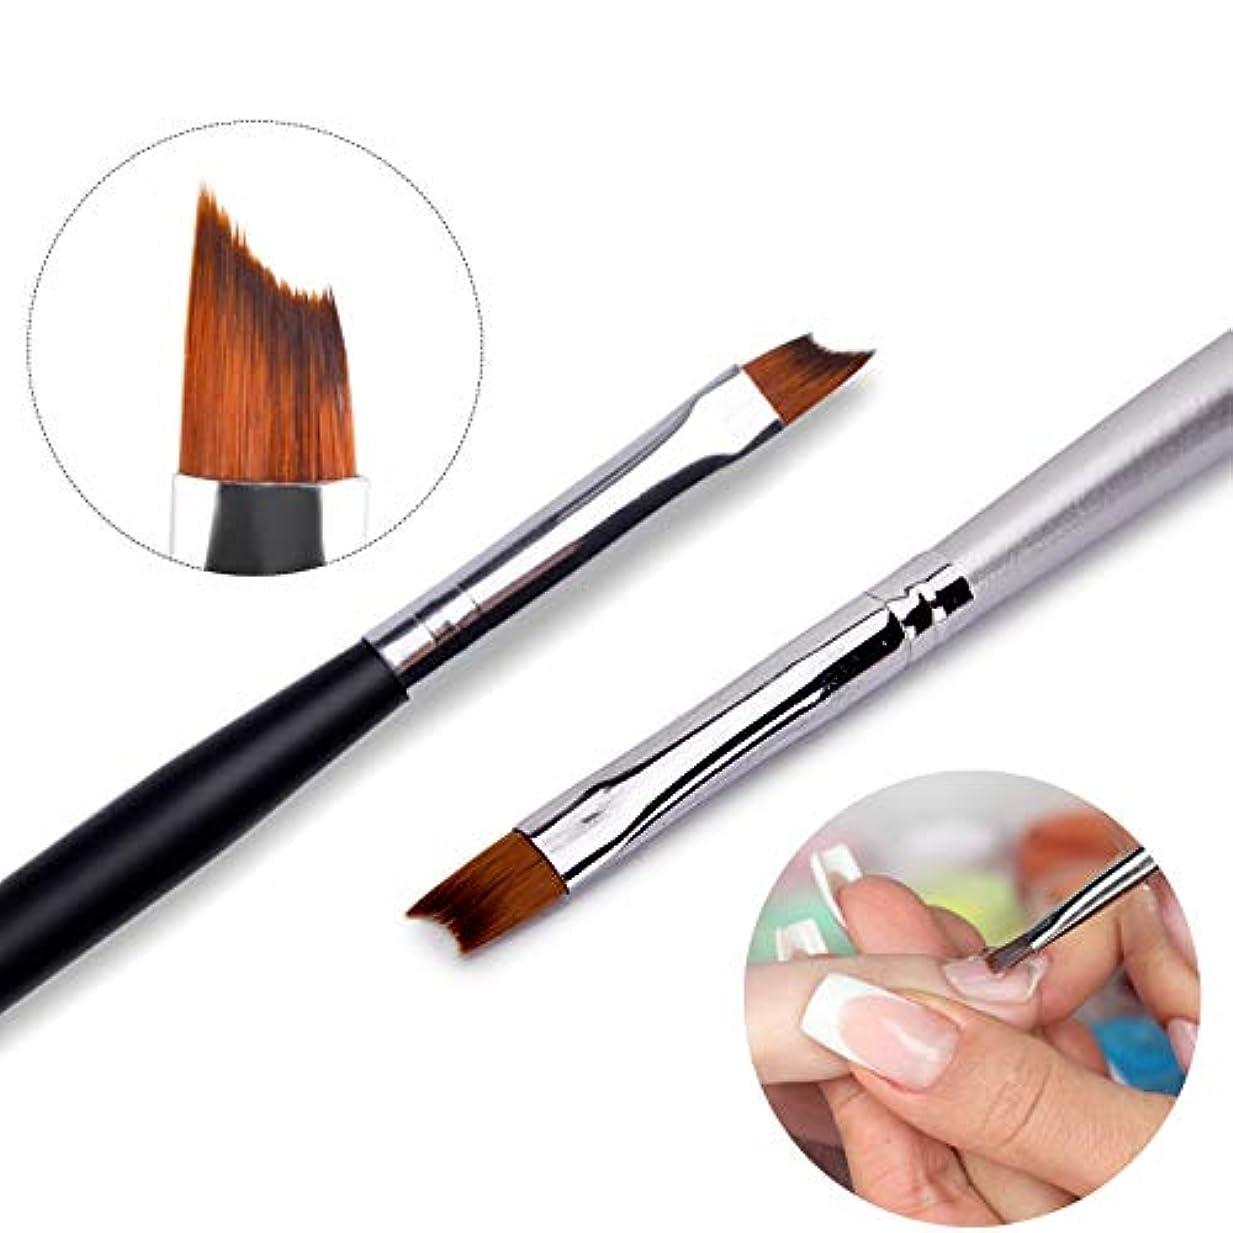 廃止急ぐ顔料2本のフレンチチップネイルブラシシルバーブラックハンドルデザインハーフムーンシェイプアクリルUVジェル塗装ペン